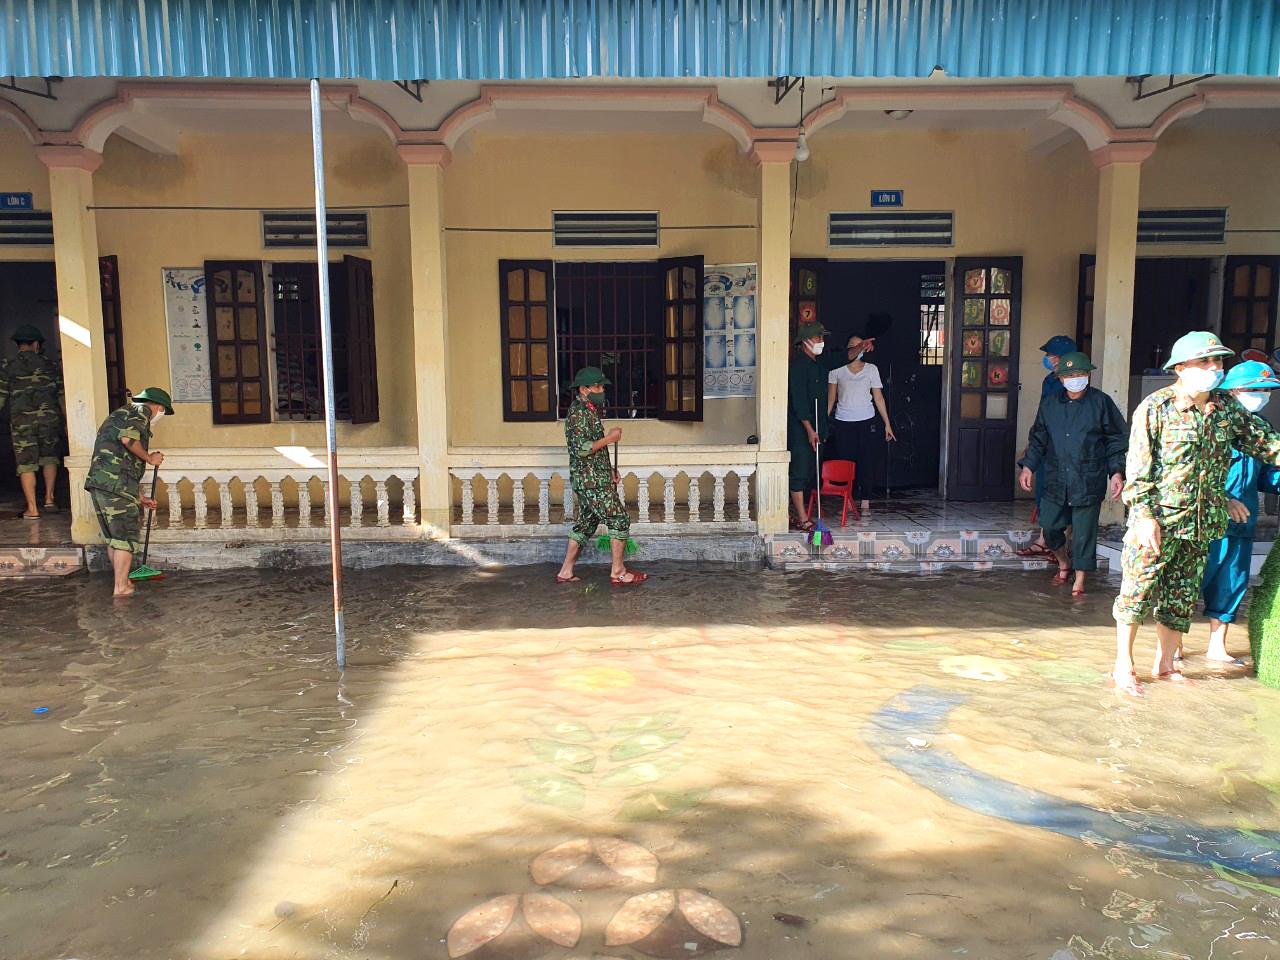 Ông Trần Xuân Nhương - Trưởng Phòng GD-ĐT huyện Quỳnh Lưu cho biết, học sinh trên địa bàn huyện này bắt đầu quay lại học trực tiếp từ hôm thứ 2 (27/9). Tuy nhiên, do đợt mưa lũ những ngày qua đã khiến nhiều trường học bị ngập sâu nên hơn 6.100 học sinh ở các xã vùng thấp trũng, ngập lụt phải nghỉ học.